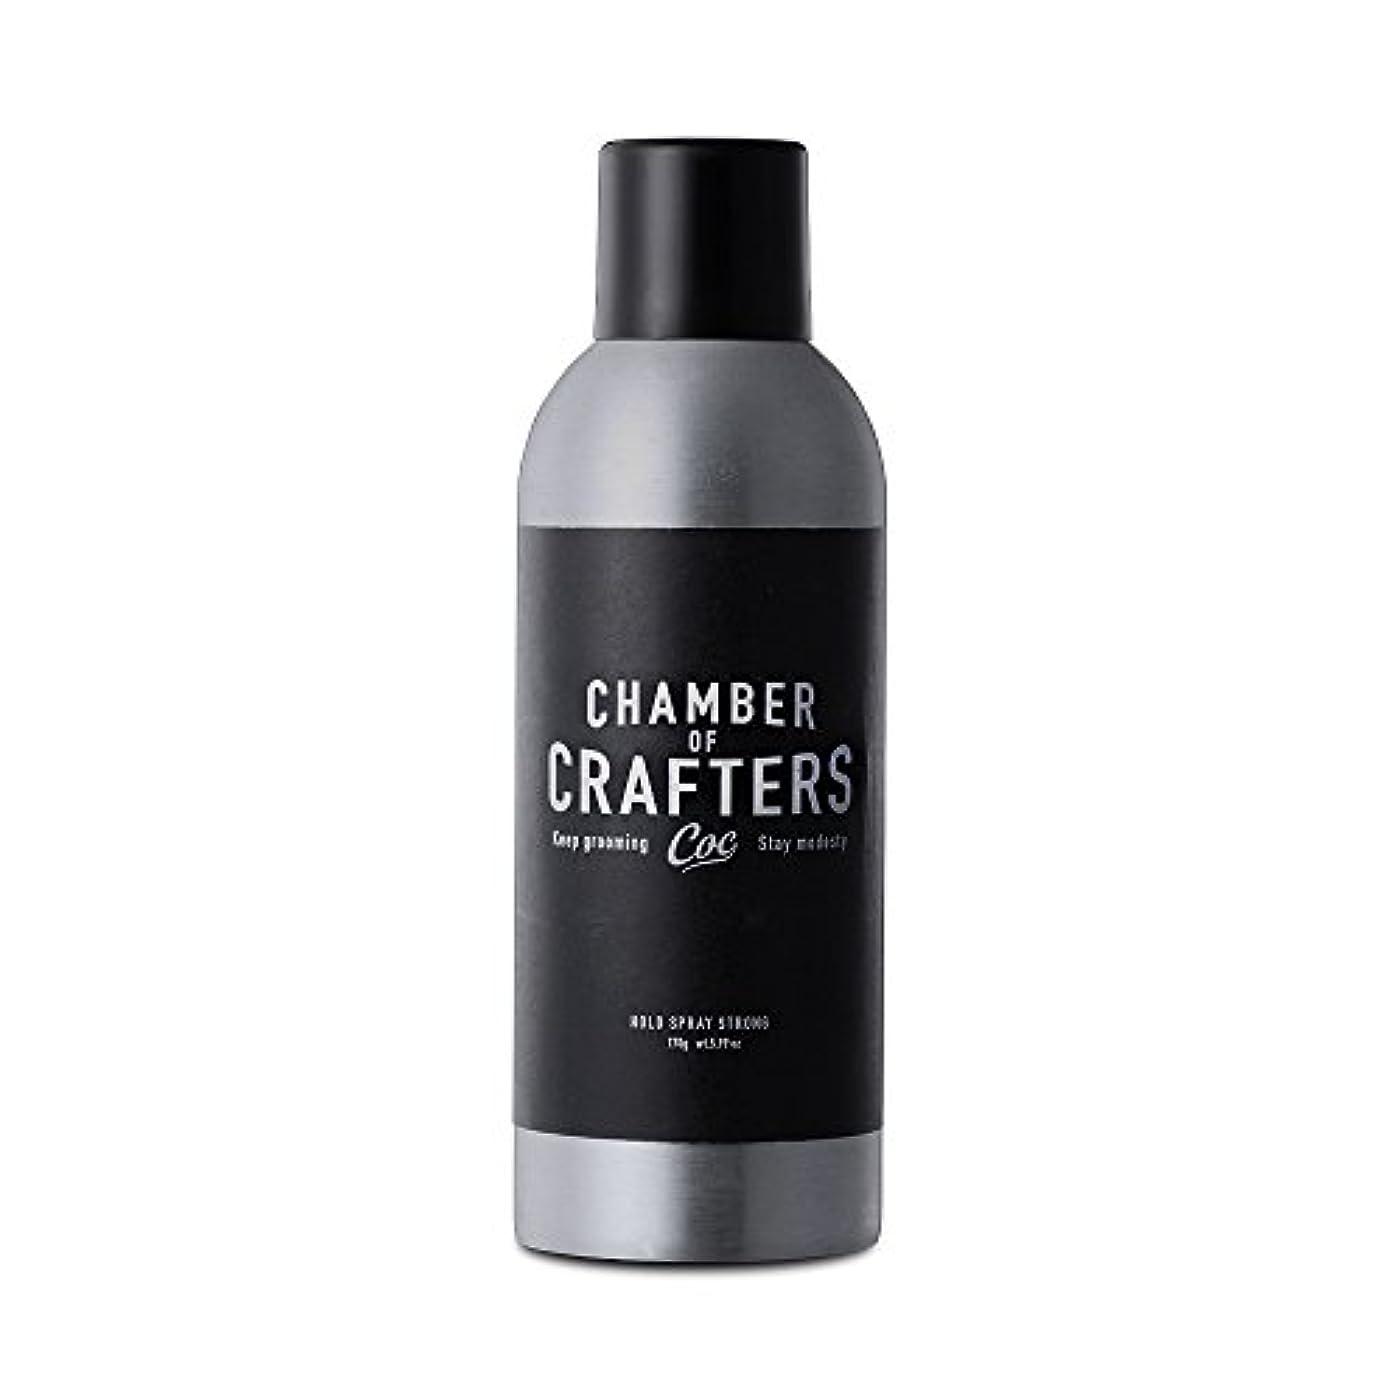 親愛なハードダイヤルCHAMBER OF CRAFTERS チェンバーオブクラフターズ ホールドスプレー 170g シトラスグリーンの香り